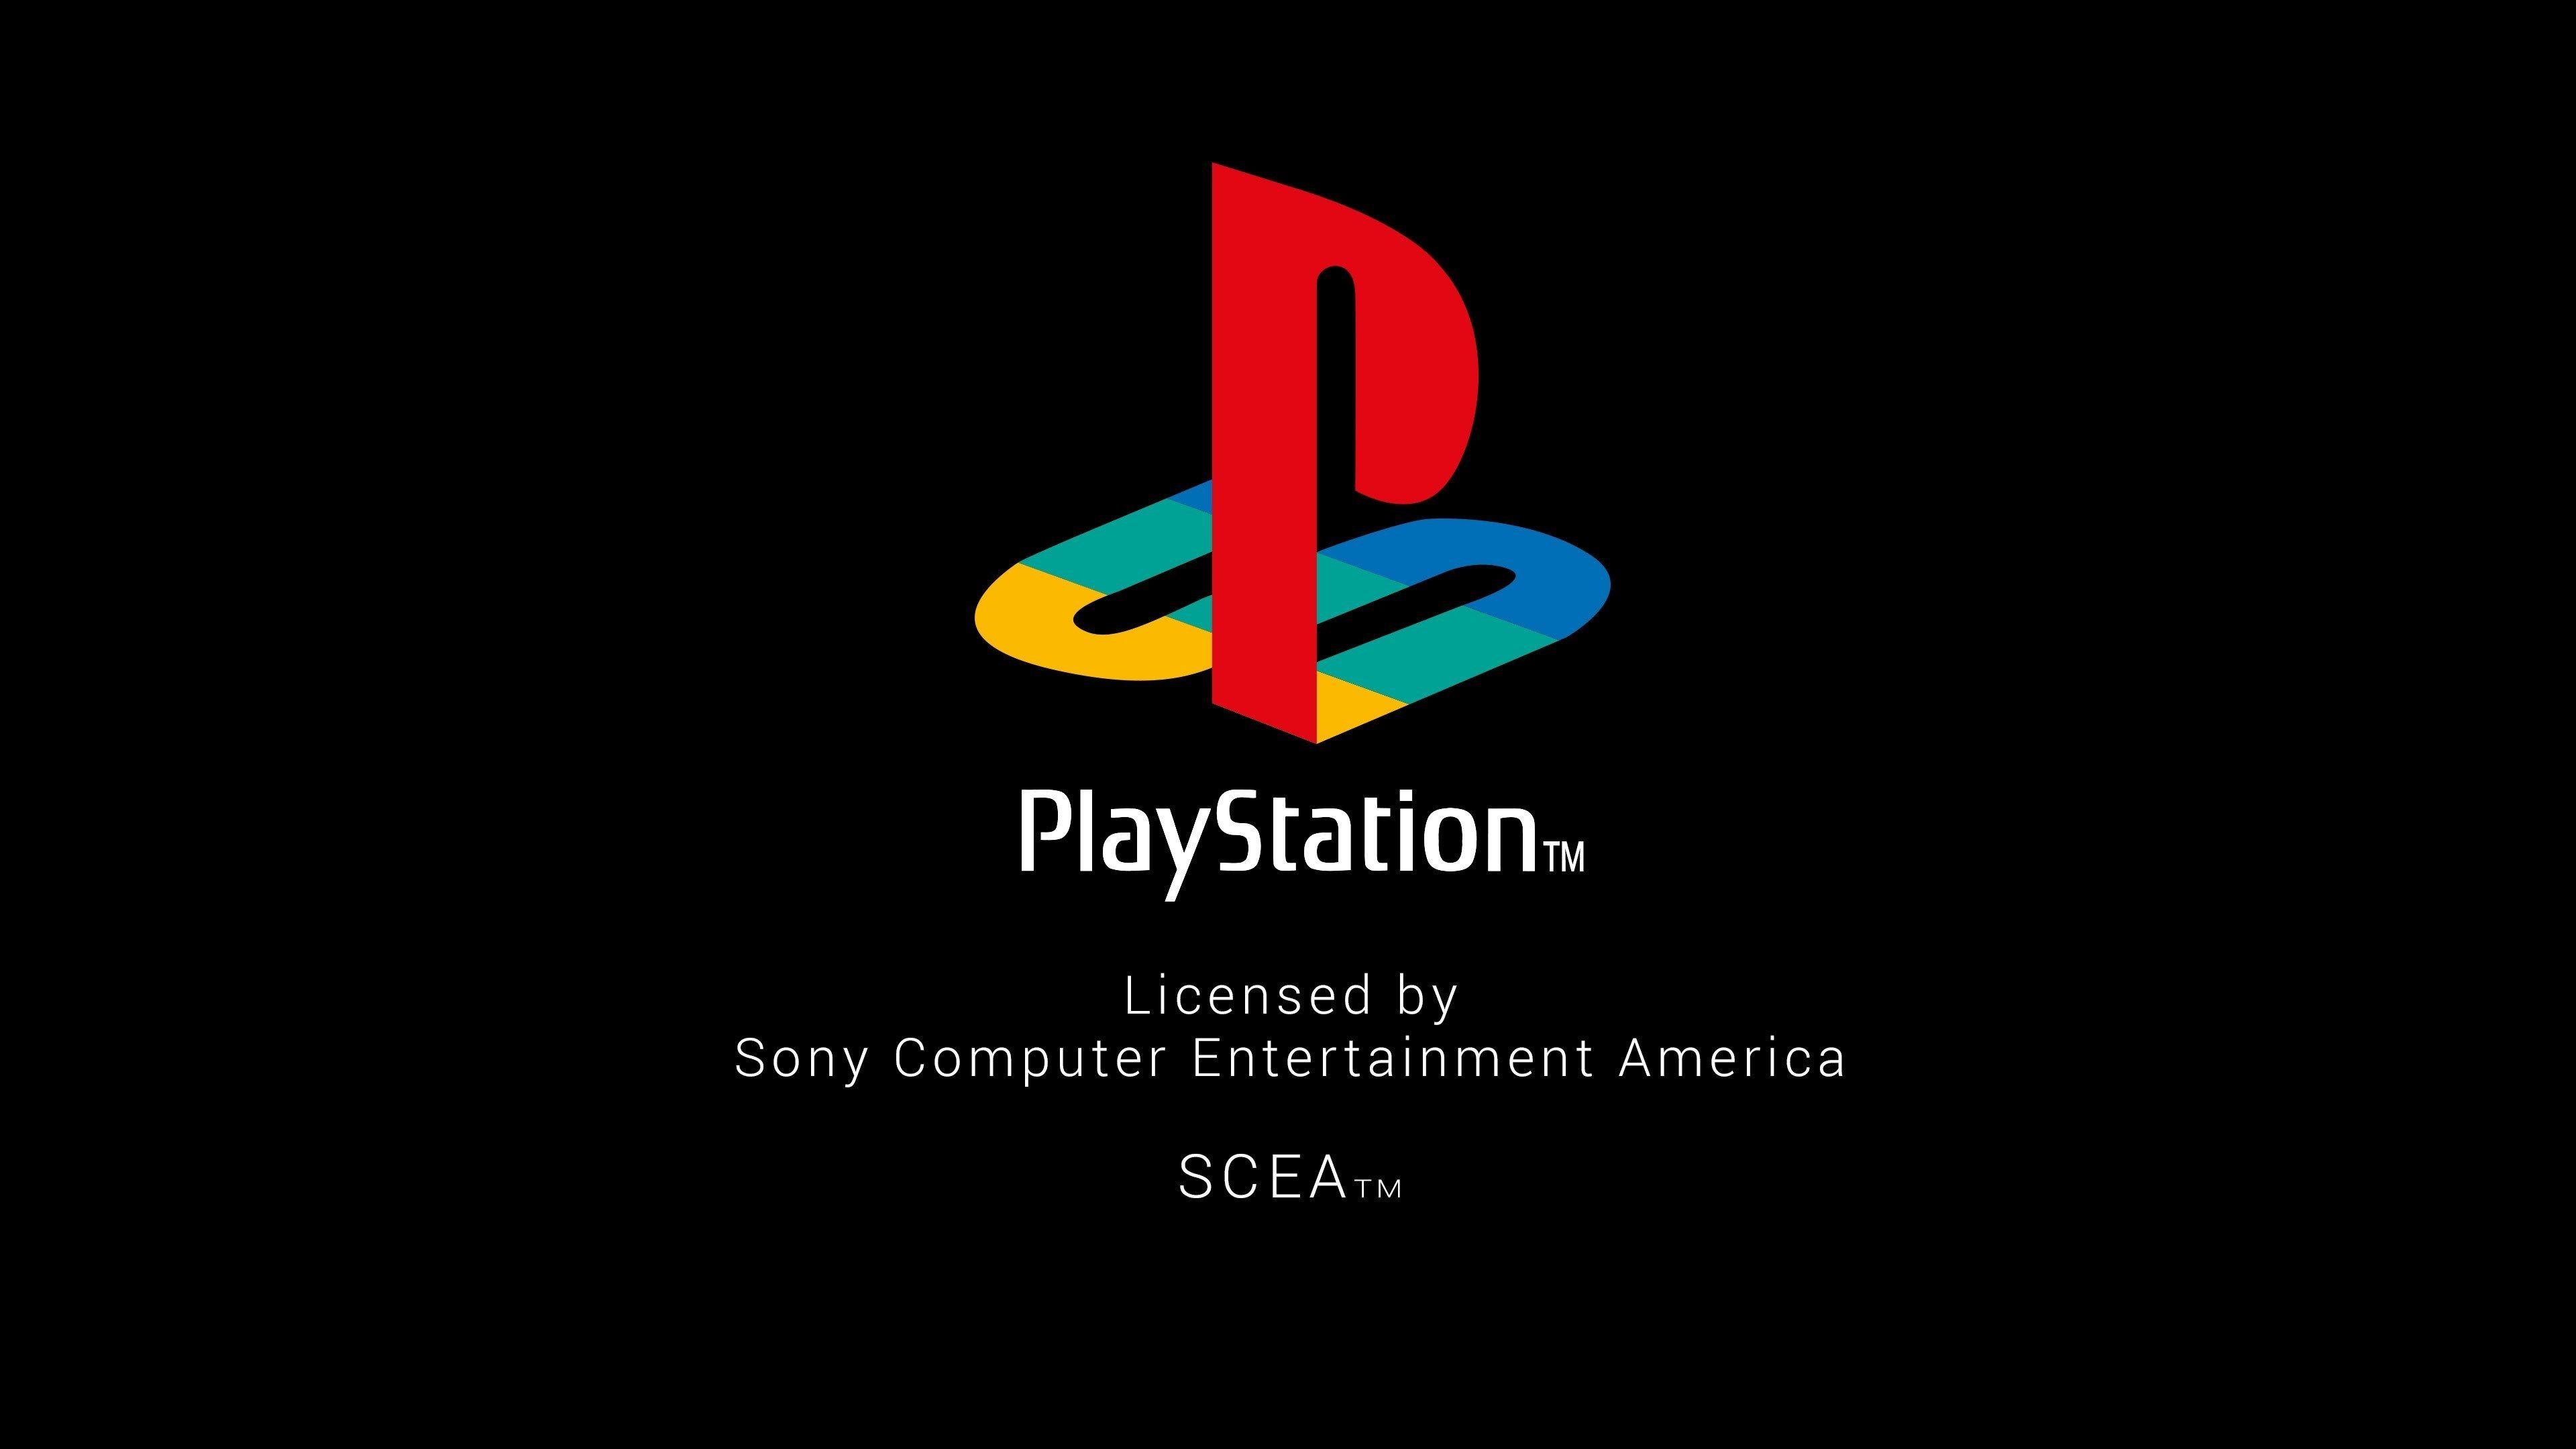 3840x2160 Playstation 4k New Hd Pc Wallpaper Playstation Playstation 4 Playstation Logo